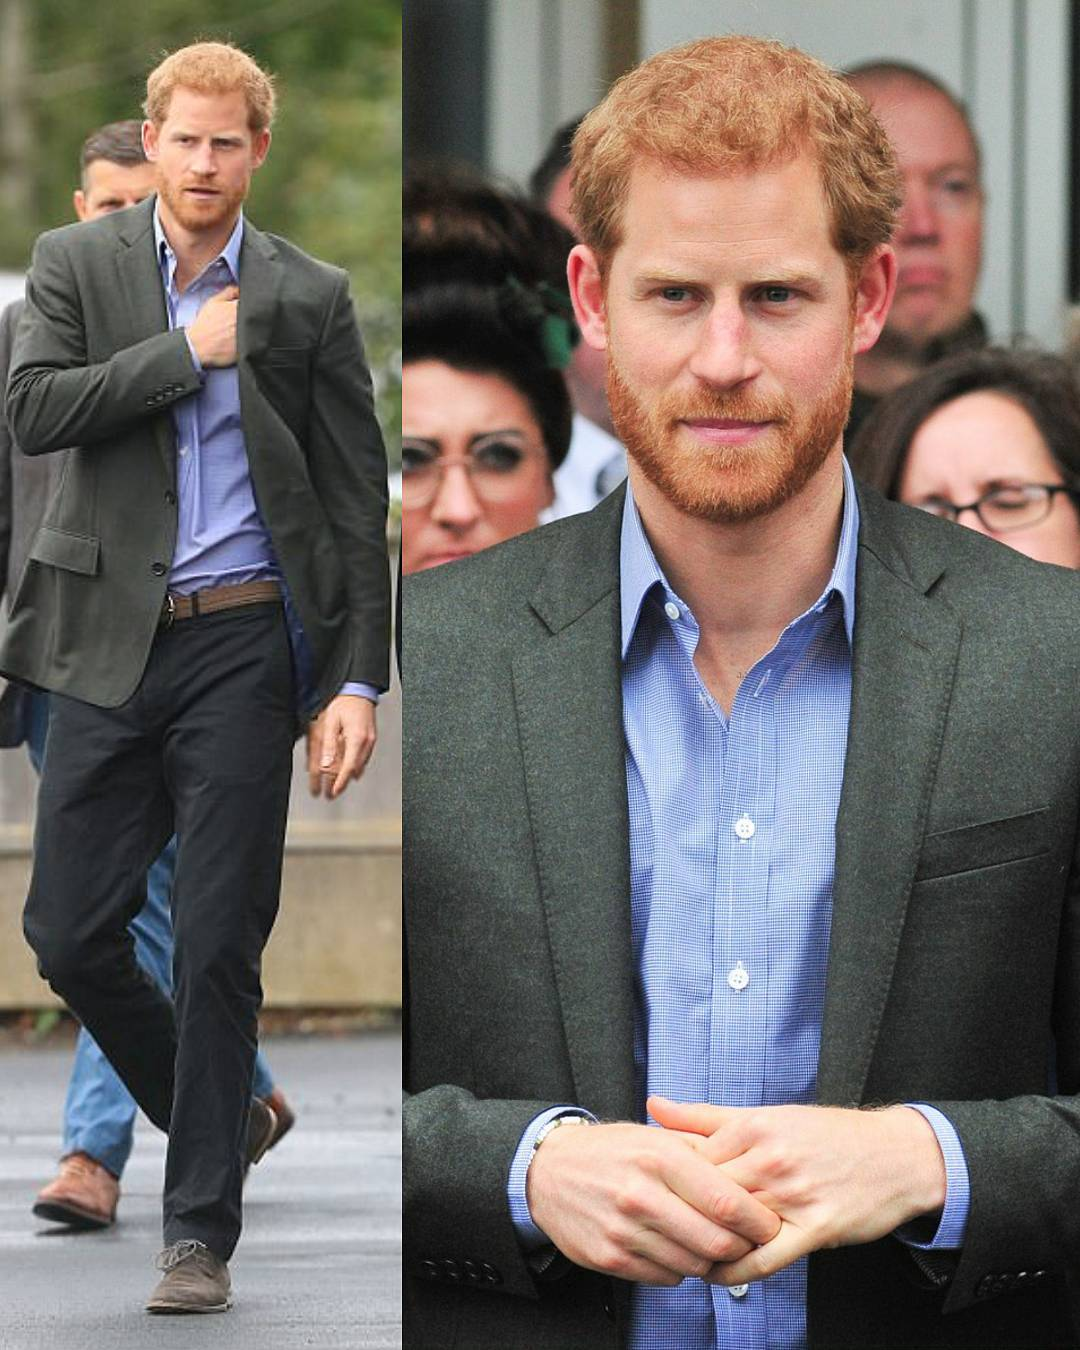 Broda Księcia Harry'ego czy książę Harry może nosić brodę ...